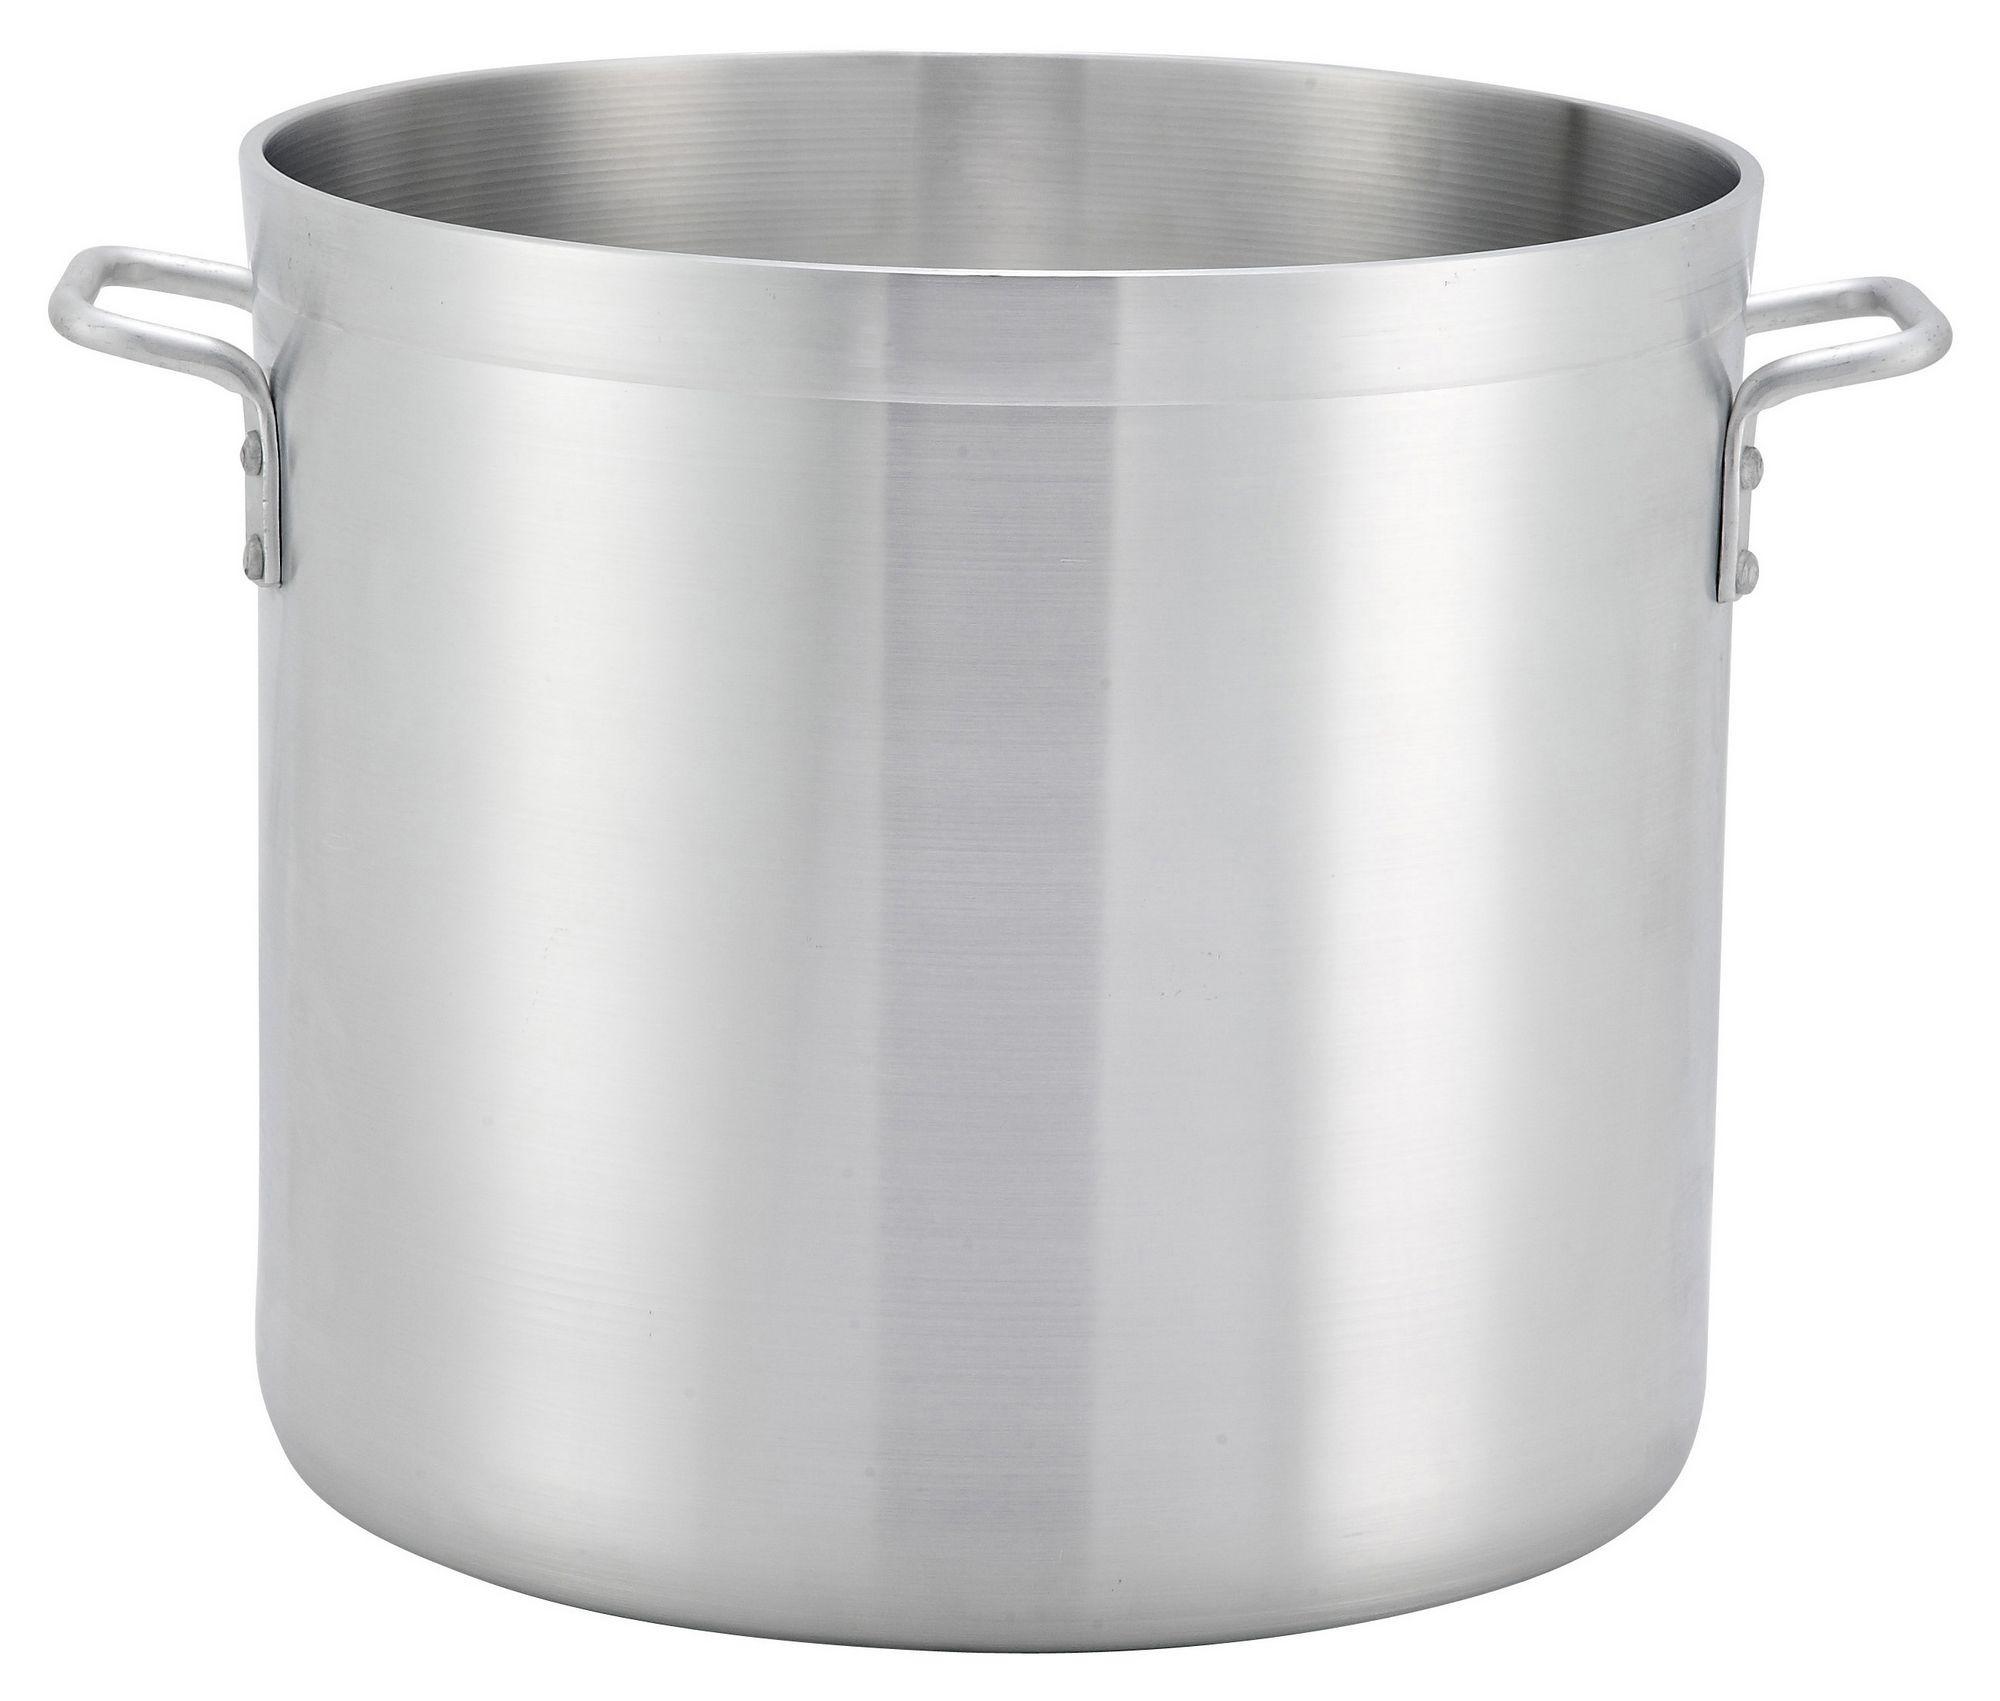 Super Aluminum 140 Qt Stock Pot 6.00 mm